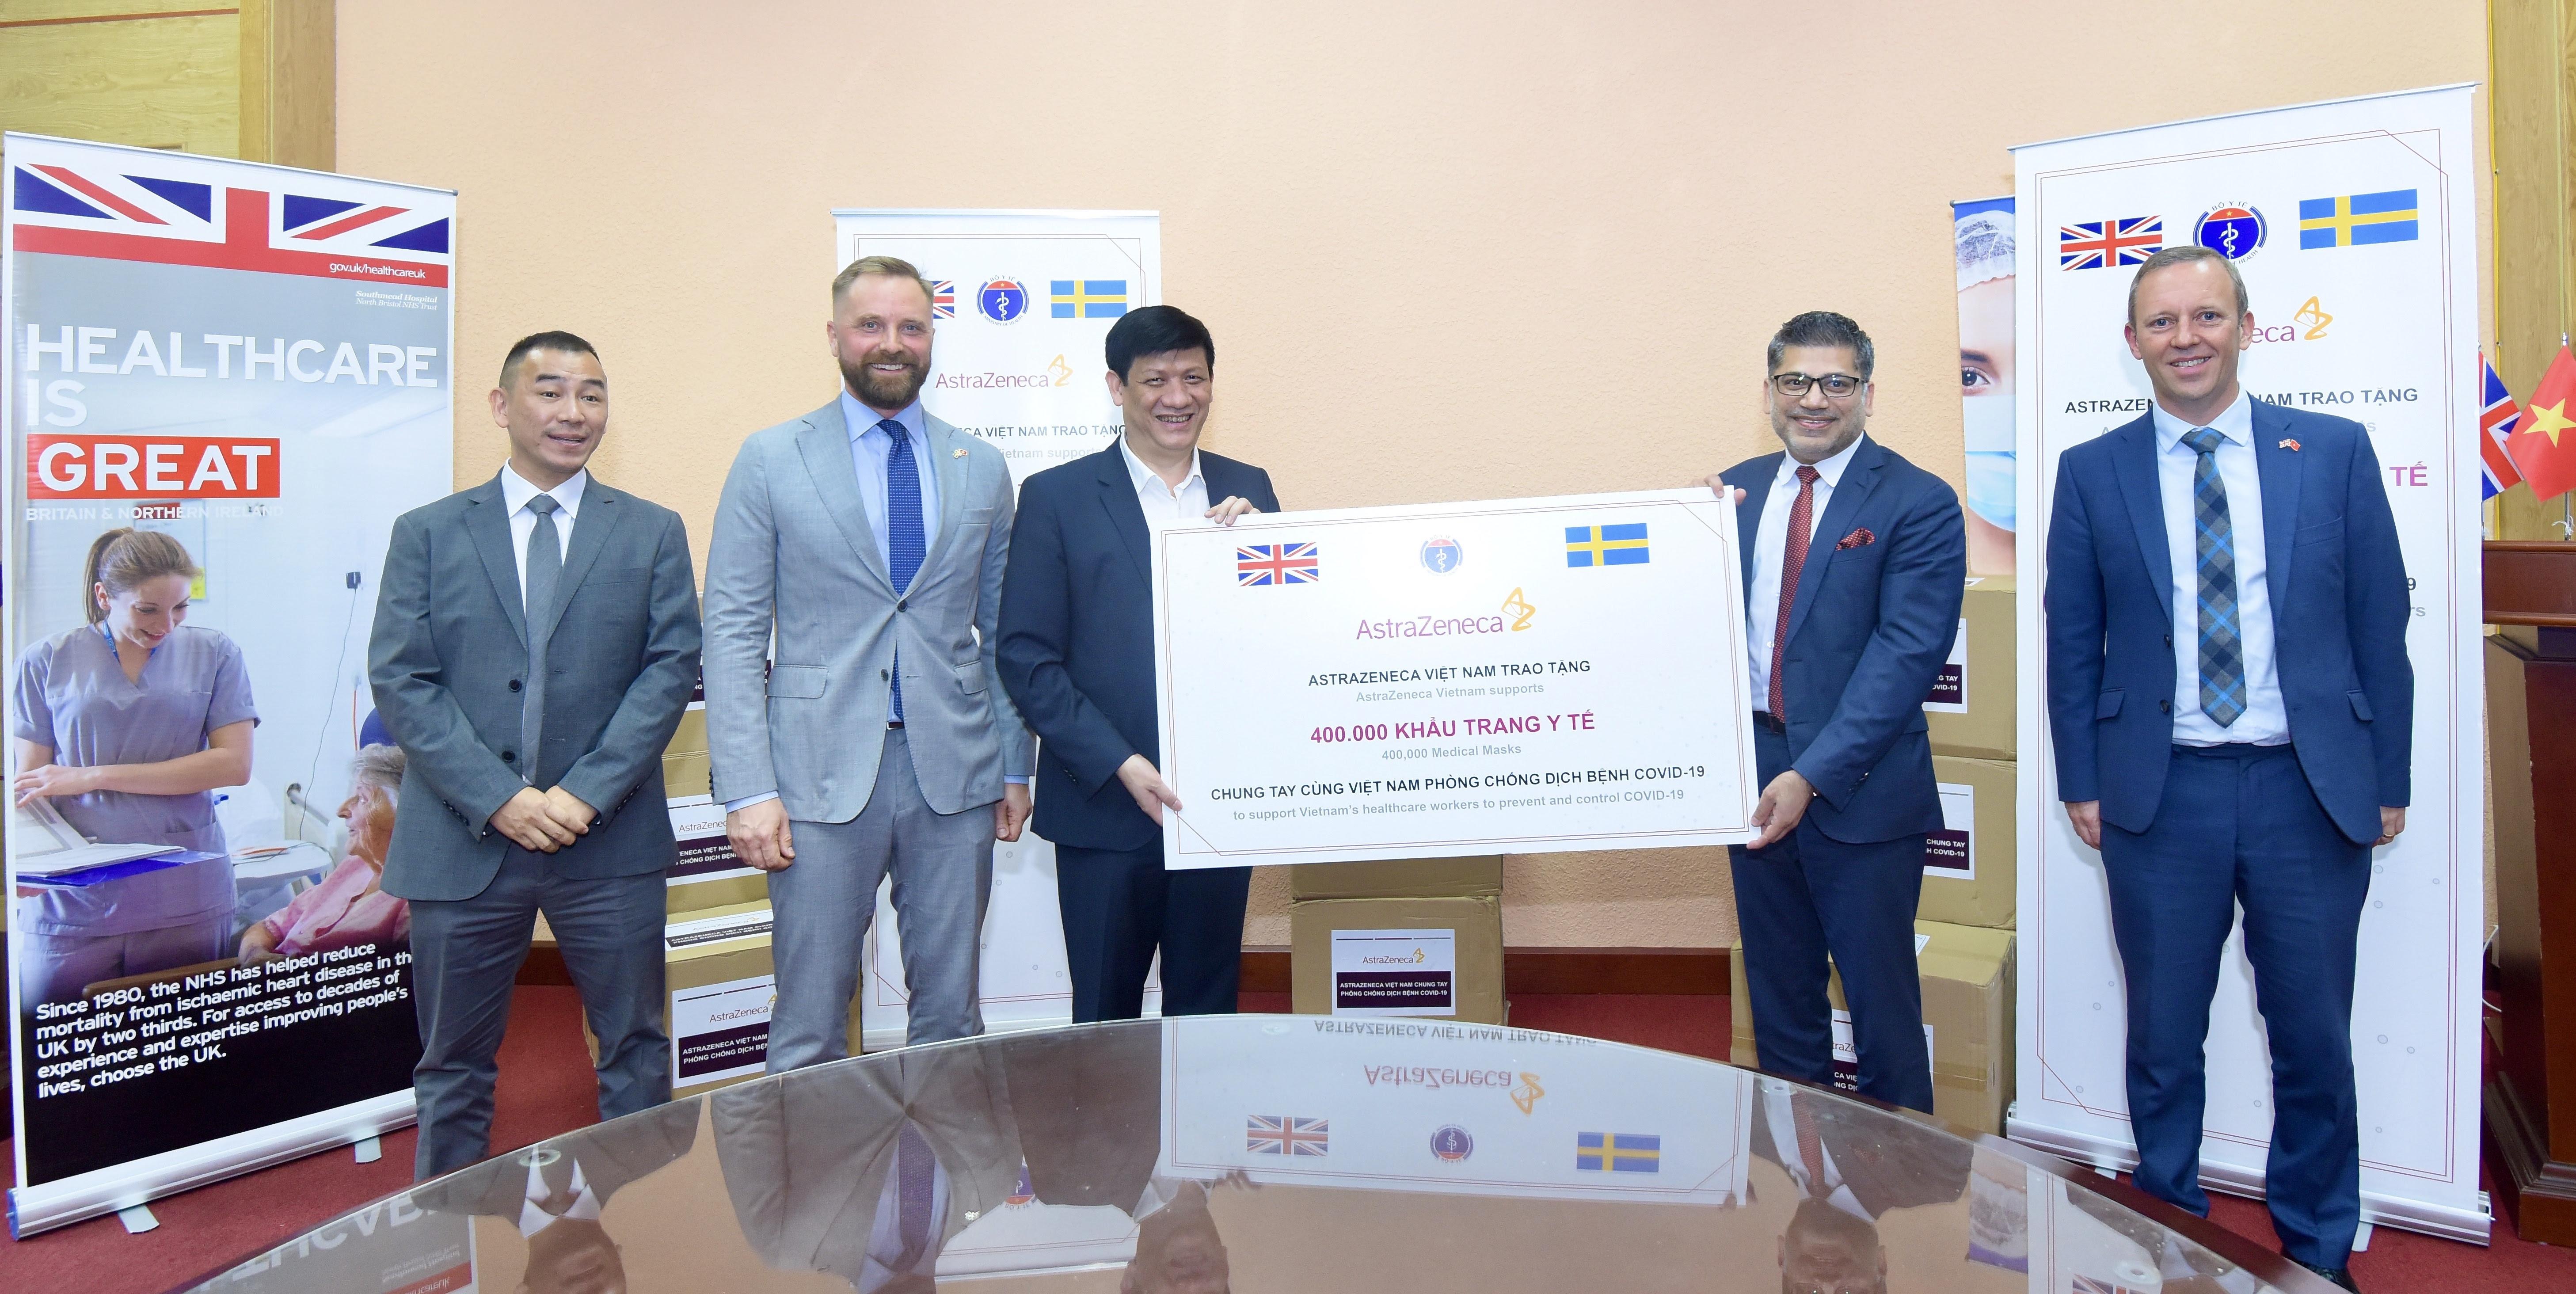 AstraZeneca Việt Nam trao tặng 400 000 khẩu trang cho Bộ Y tế